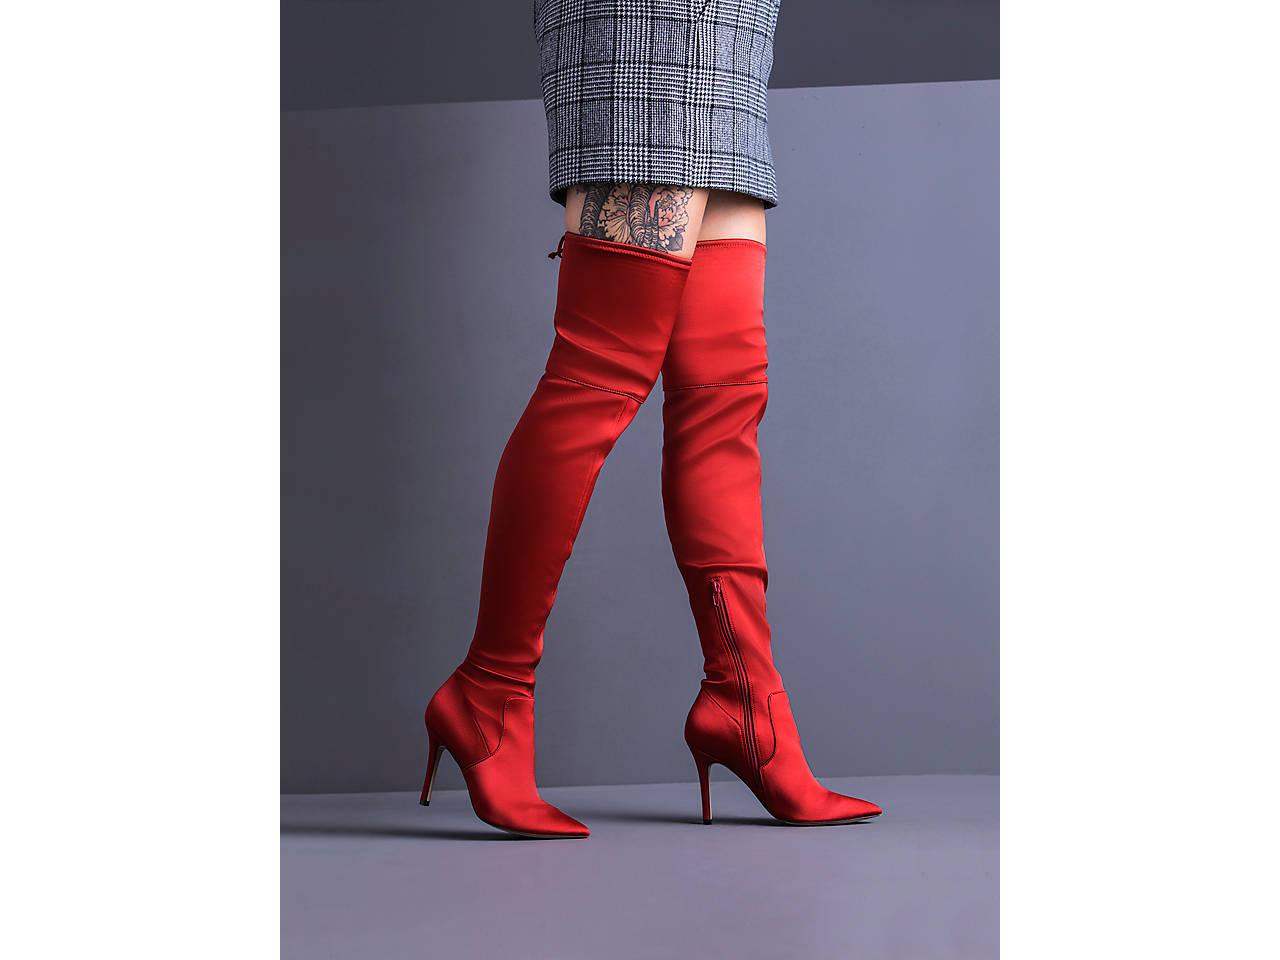 87879de8e0d Aldo Fraresa Thigh High Boot Women s Shoes